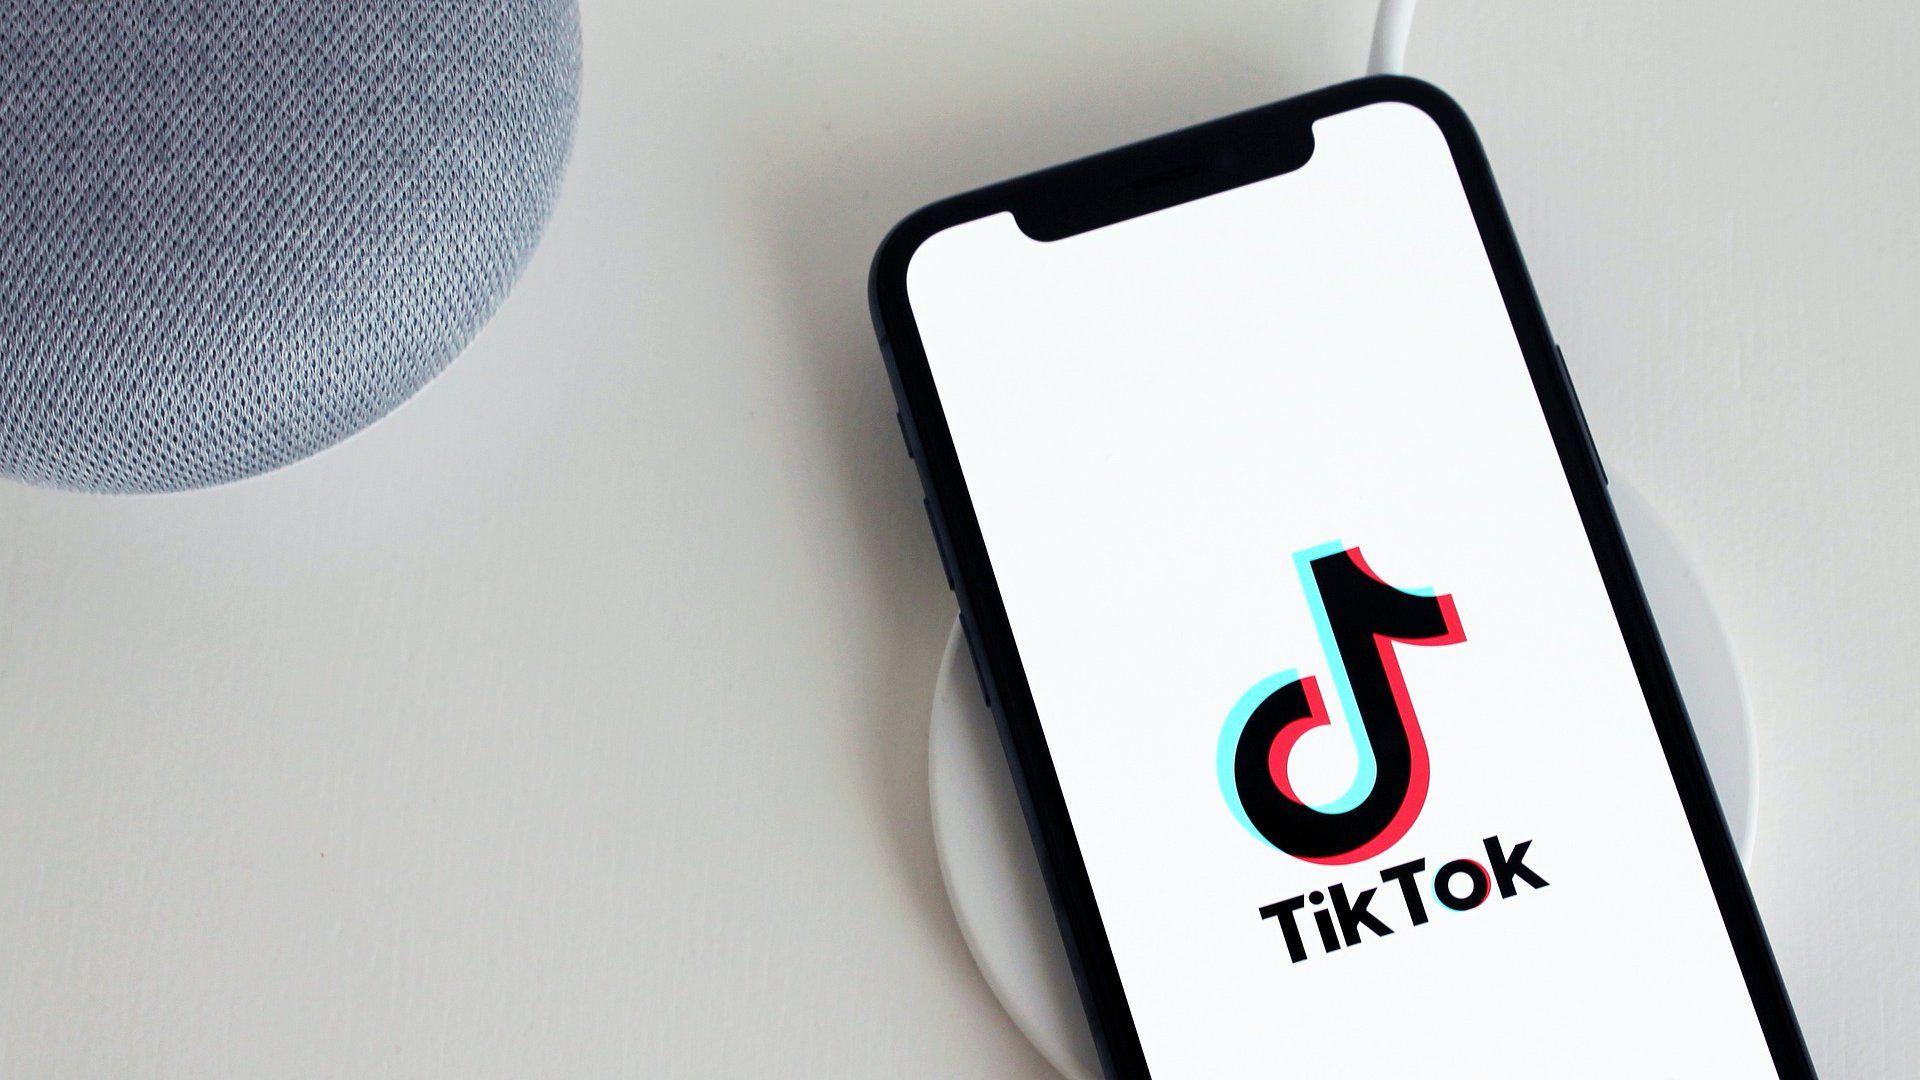 TikTok alkalmazás egy okostelefonon